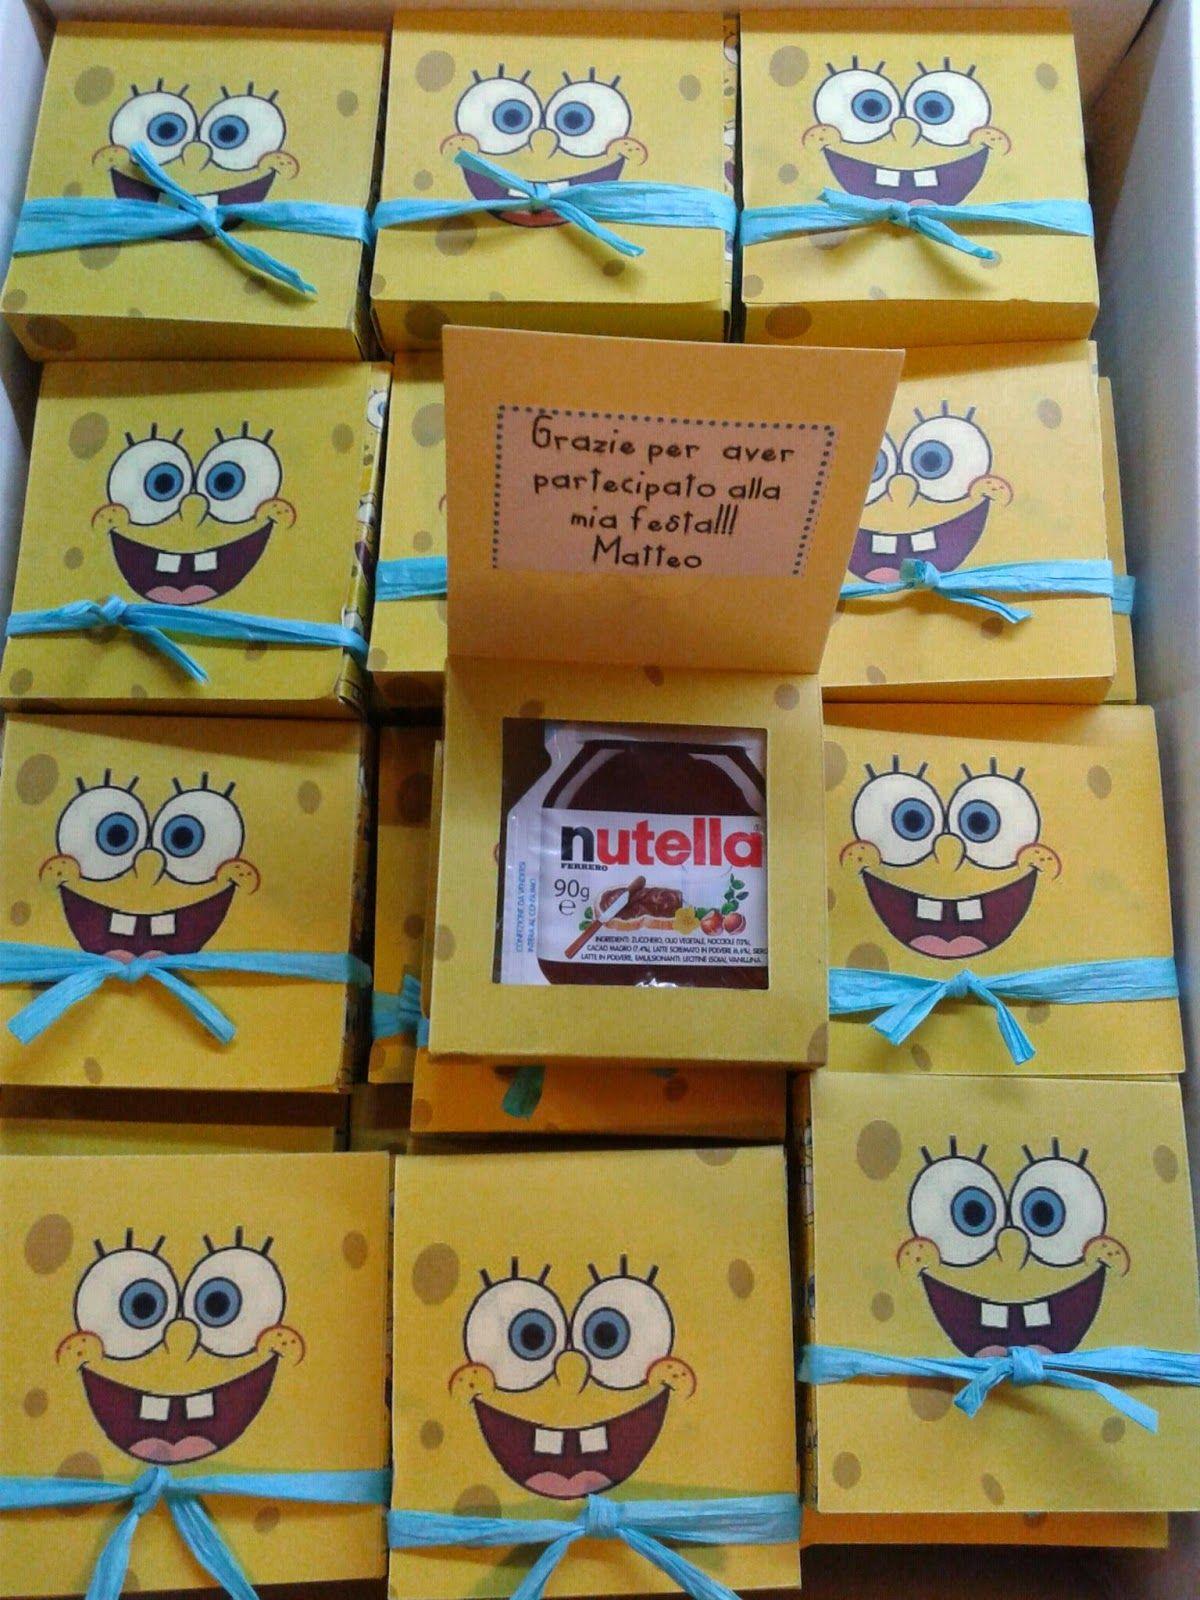 5f08f8e358 Acquista online Scatoline di Spongebob fatte a mano con la nutella  all'interno come regalino di ringraziamento per una festa di bambini .